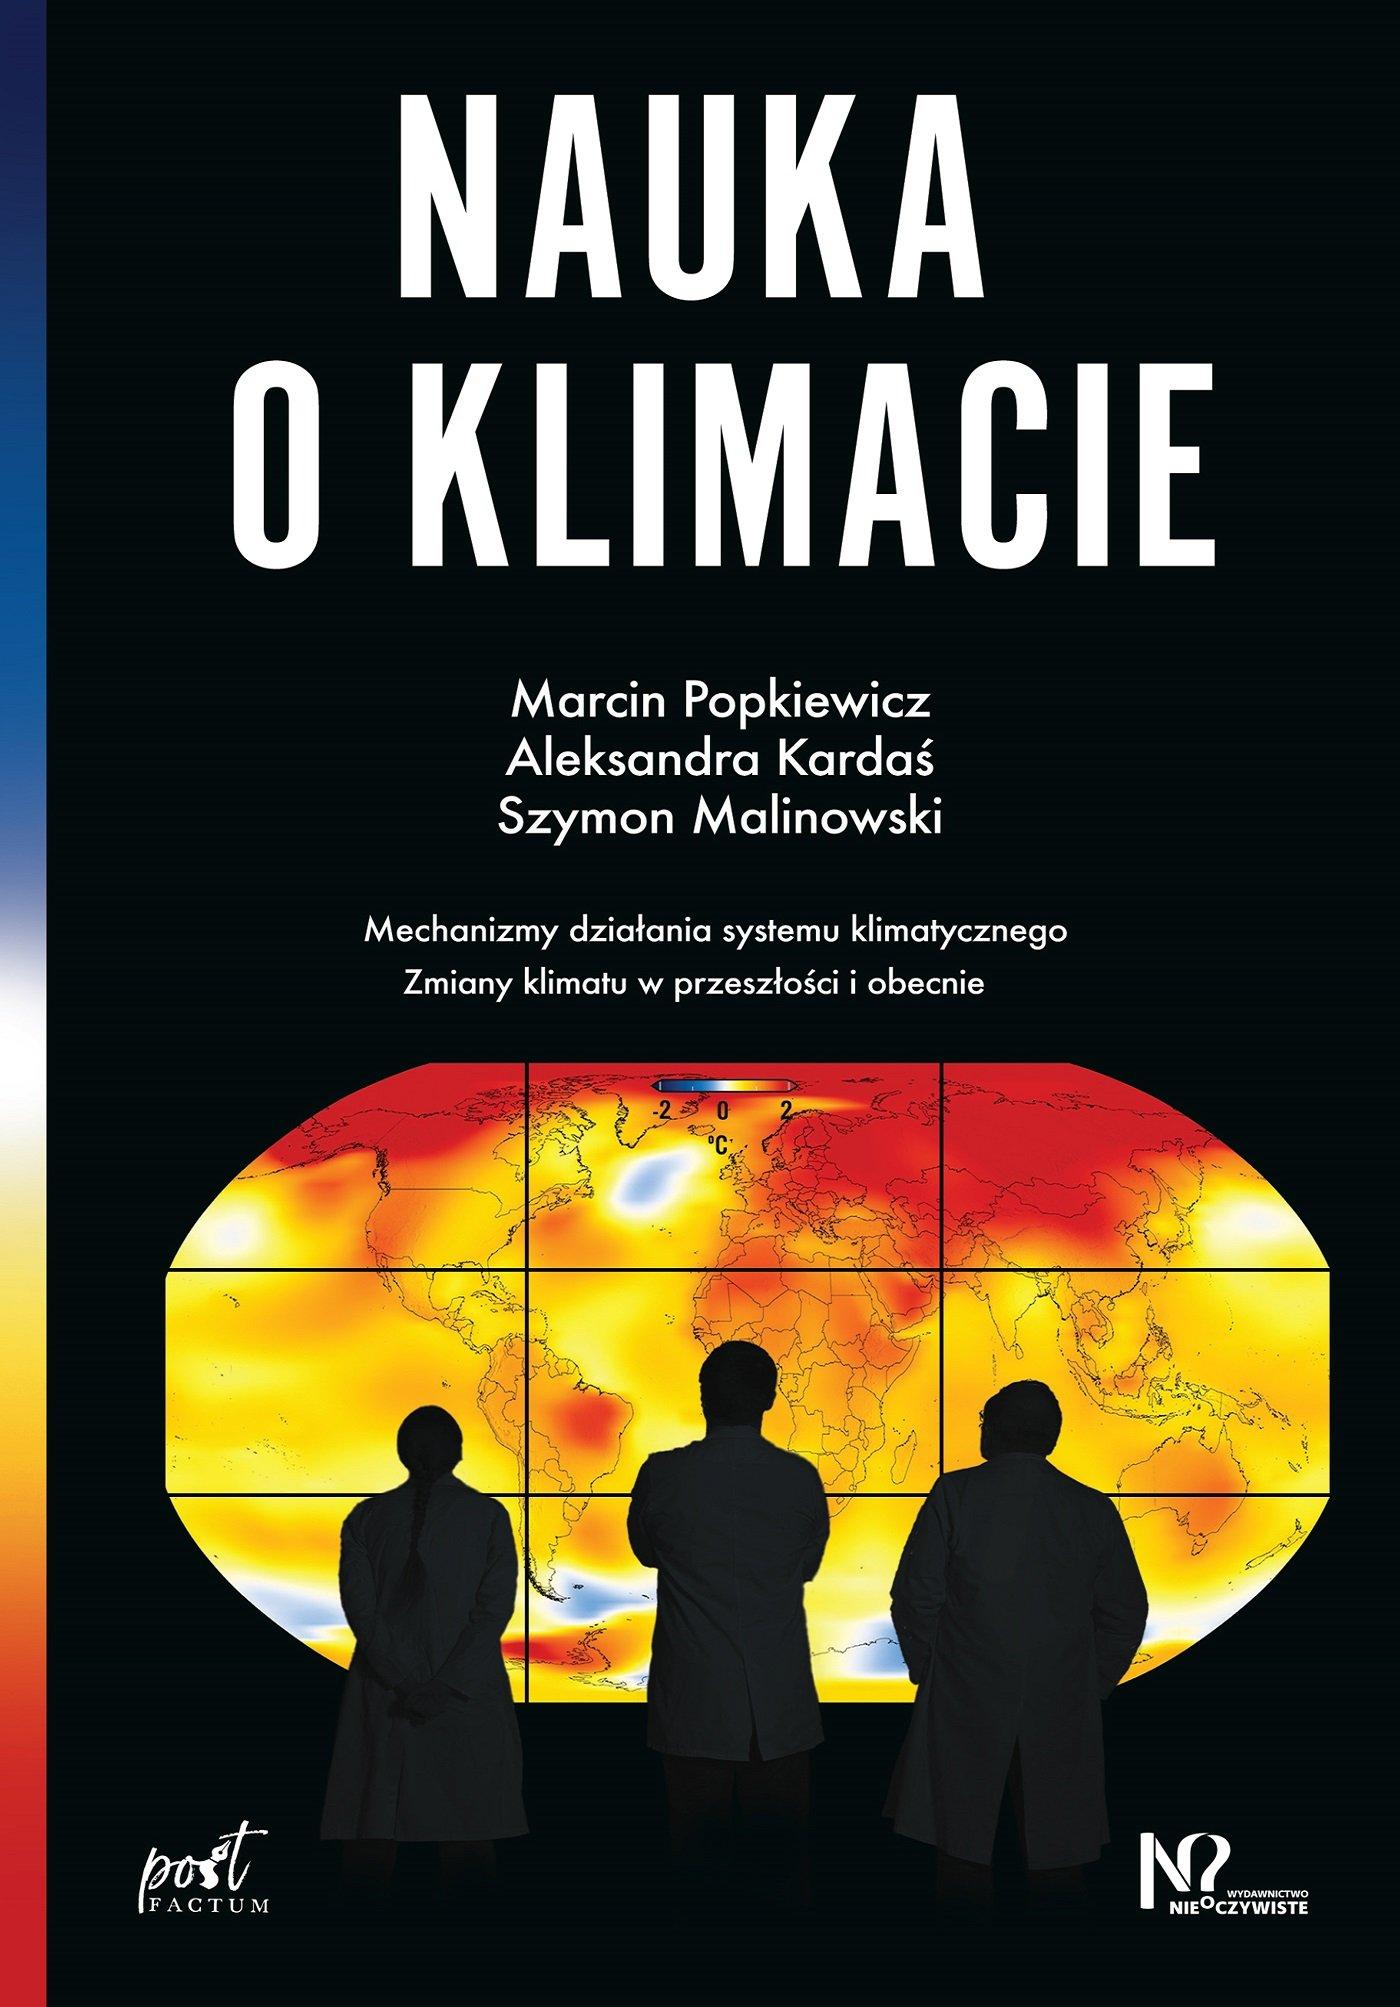 Nauka o klimacie - Ebook (Książka EPUB) do pobrania w formacie EPUB